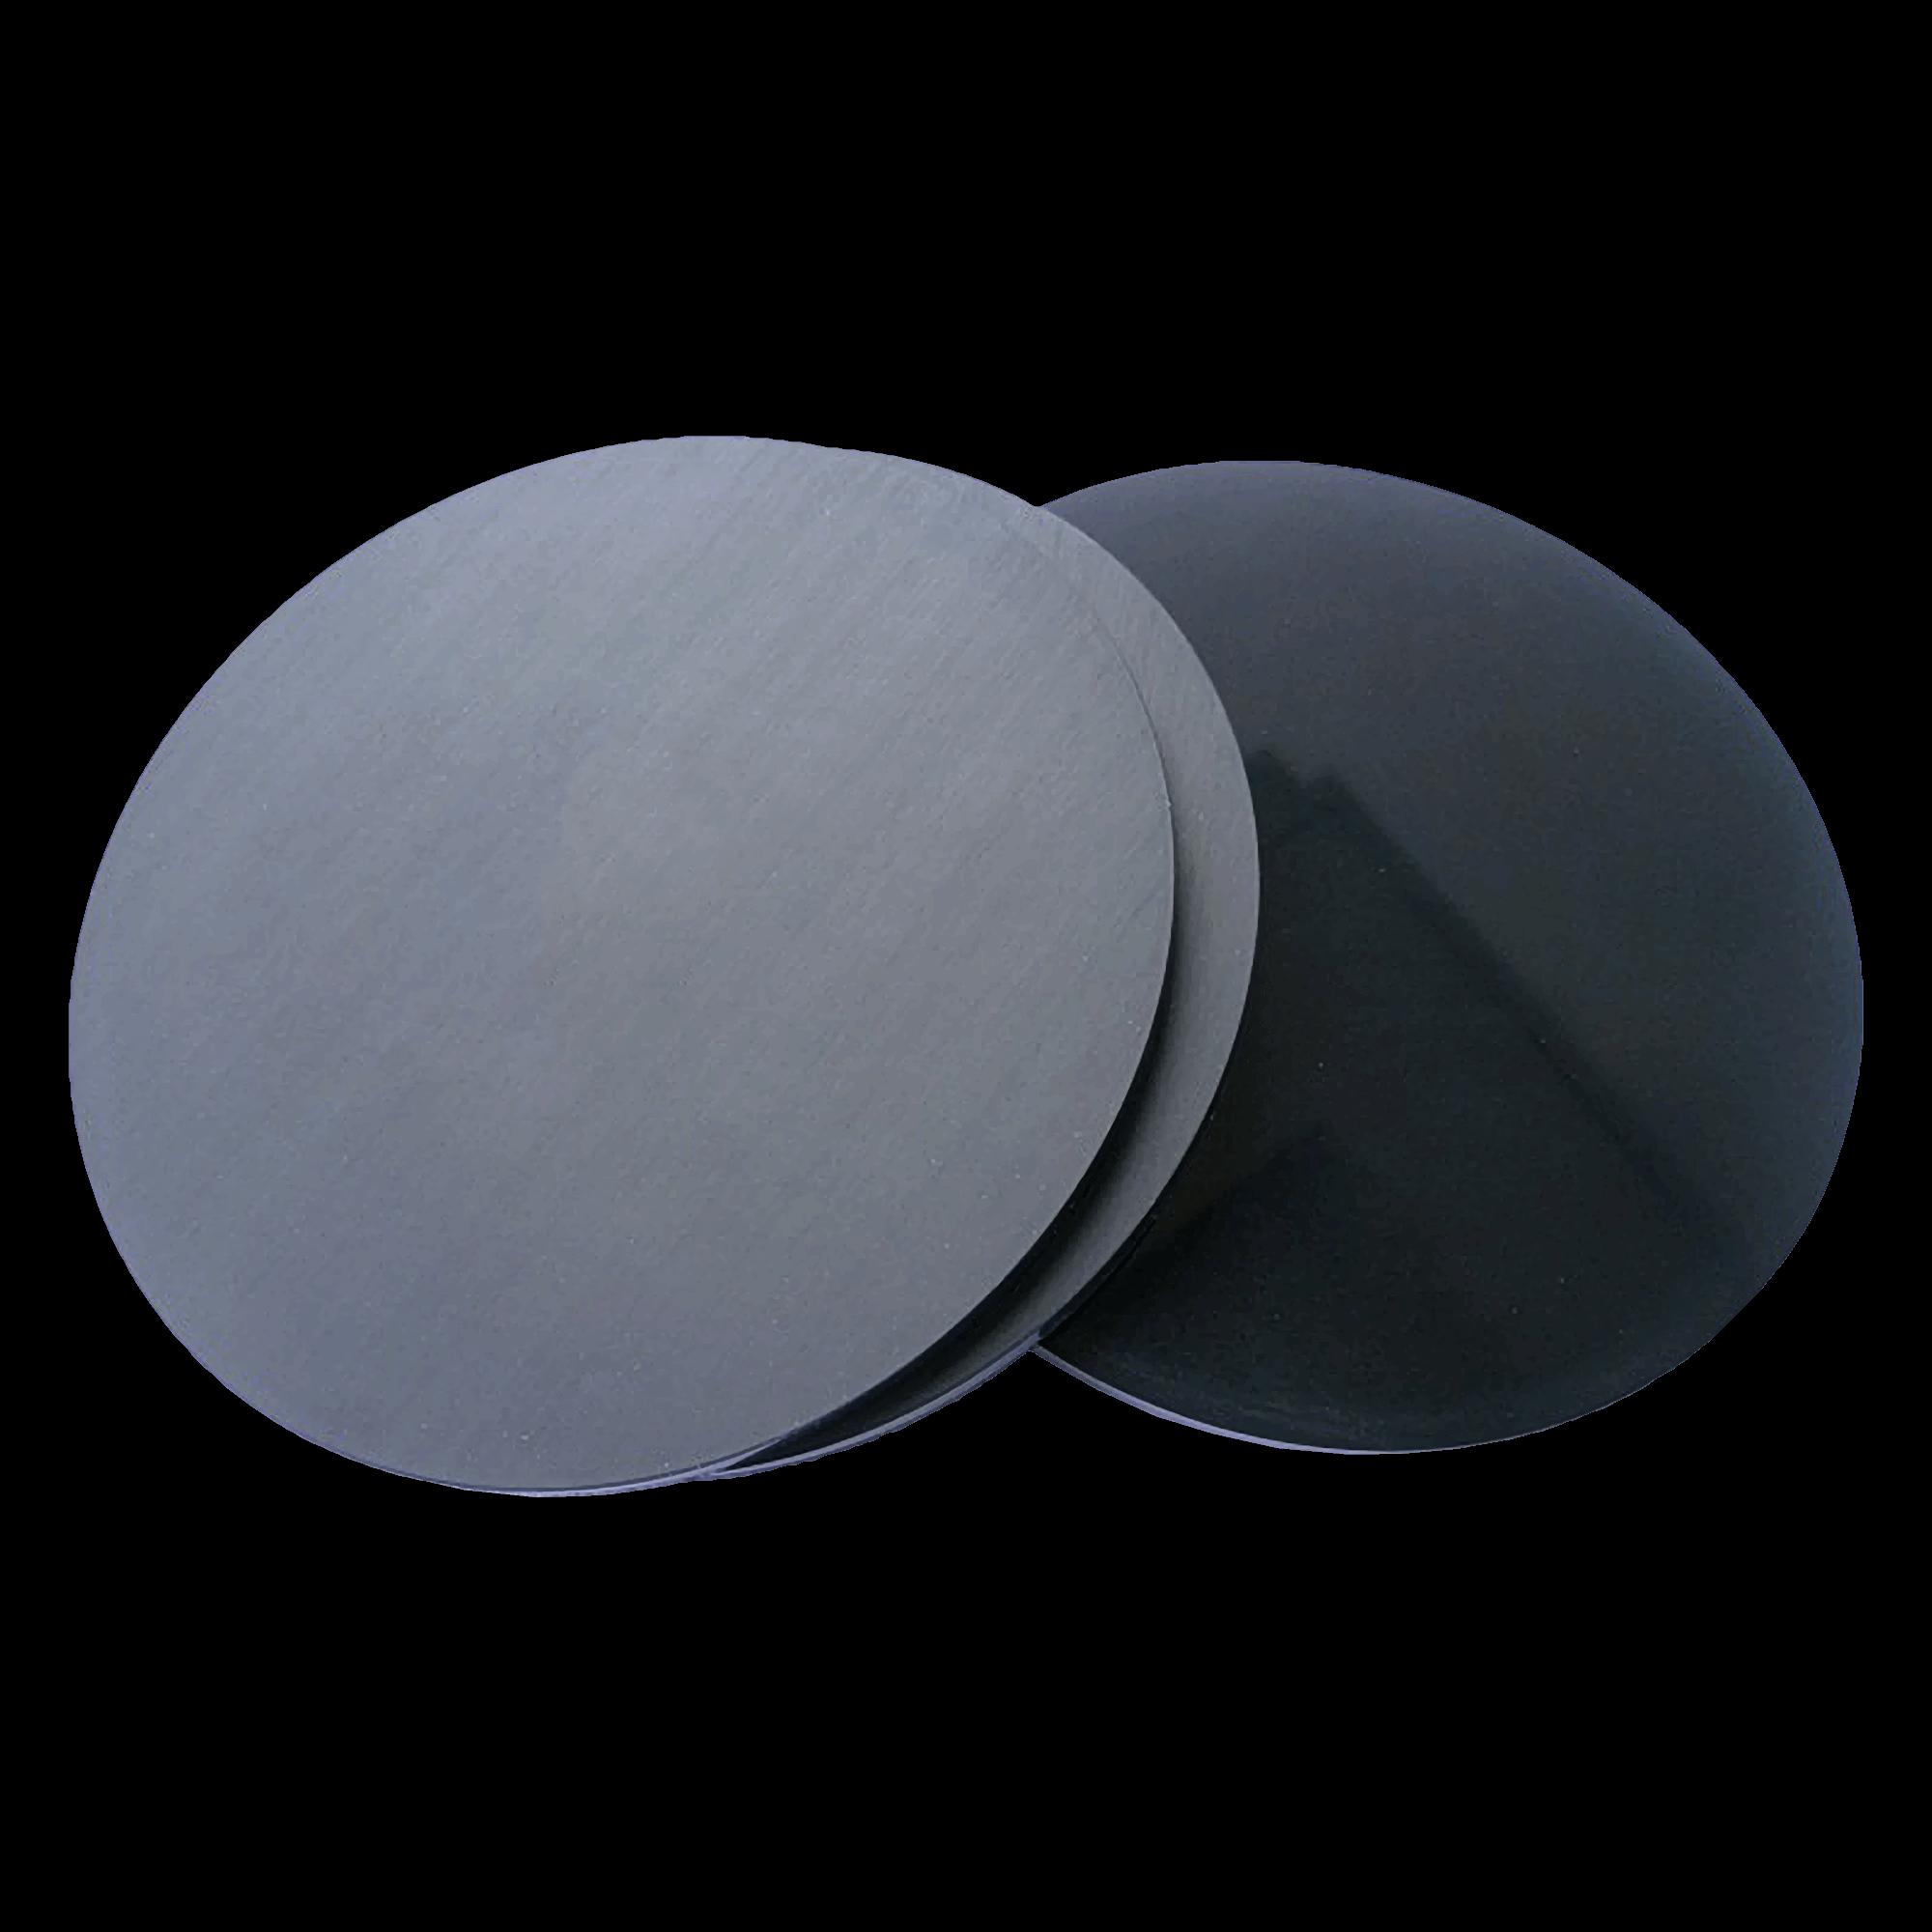 Samm Teknoloji - PR5X-500-75 Parlatma pad (3adet/set), 75 Shore, 127mm